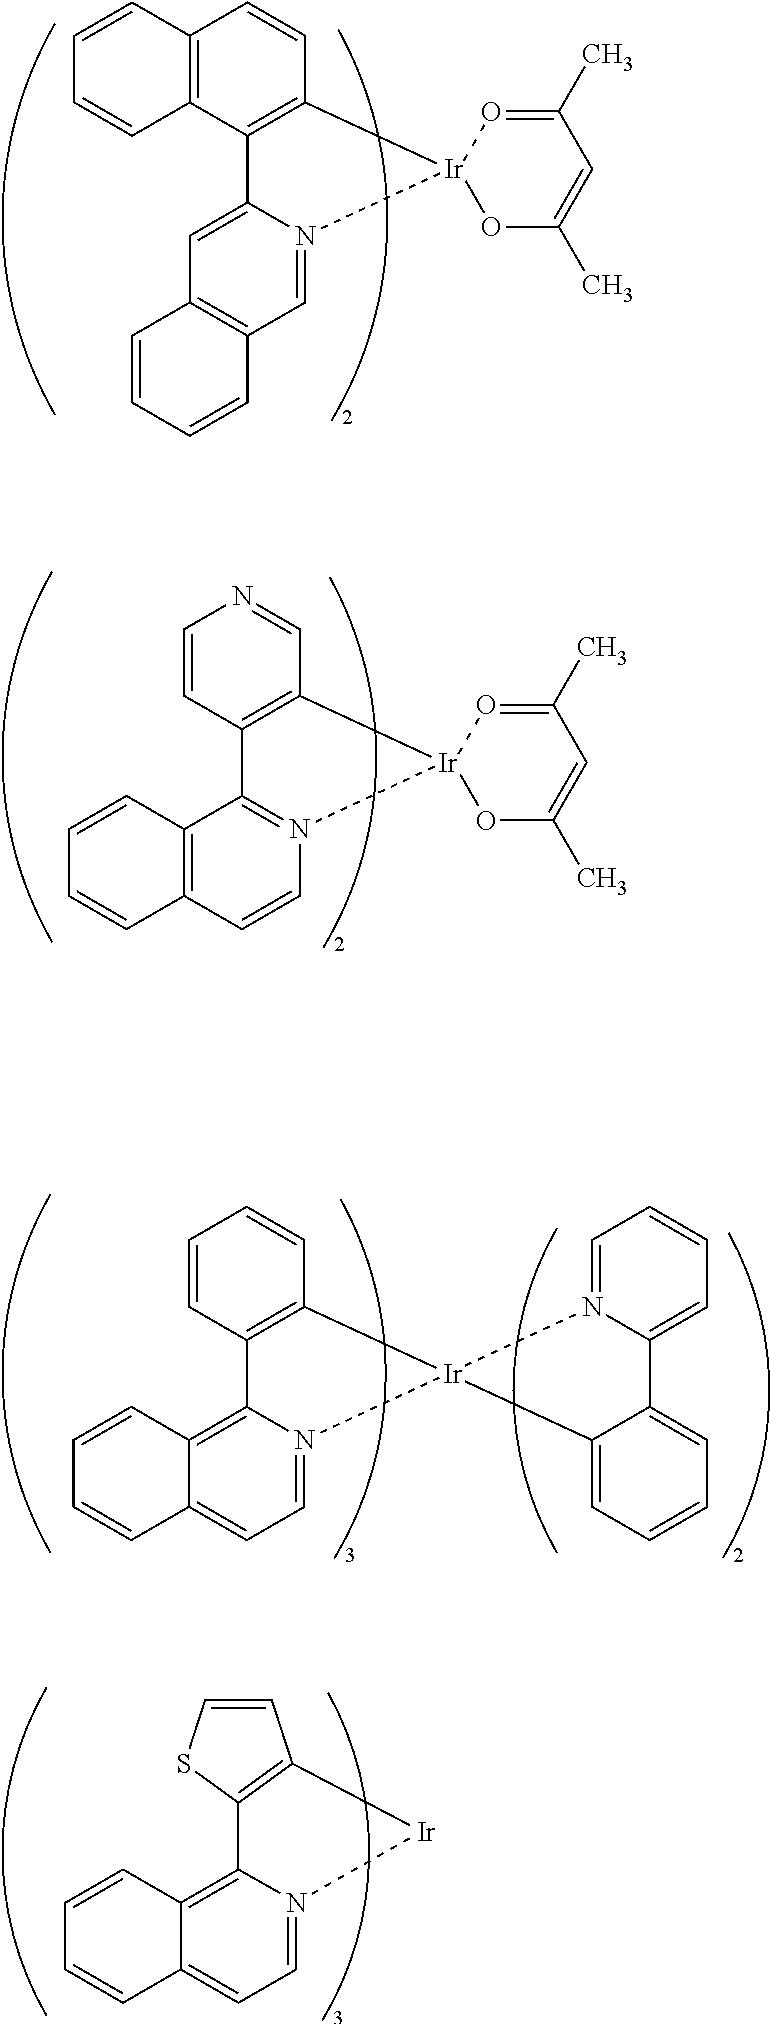 Figure US09837615-20171205-C00096